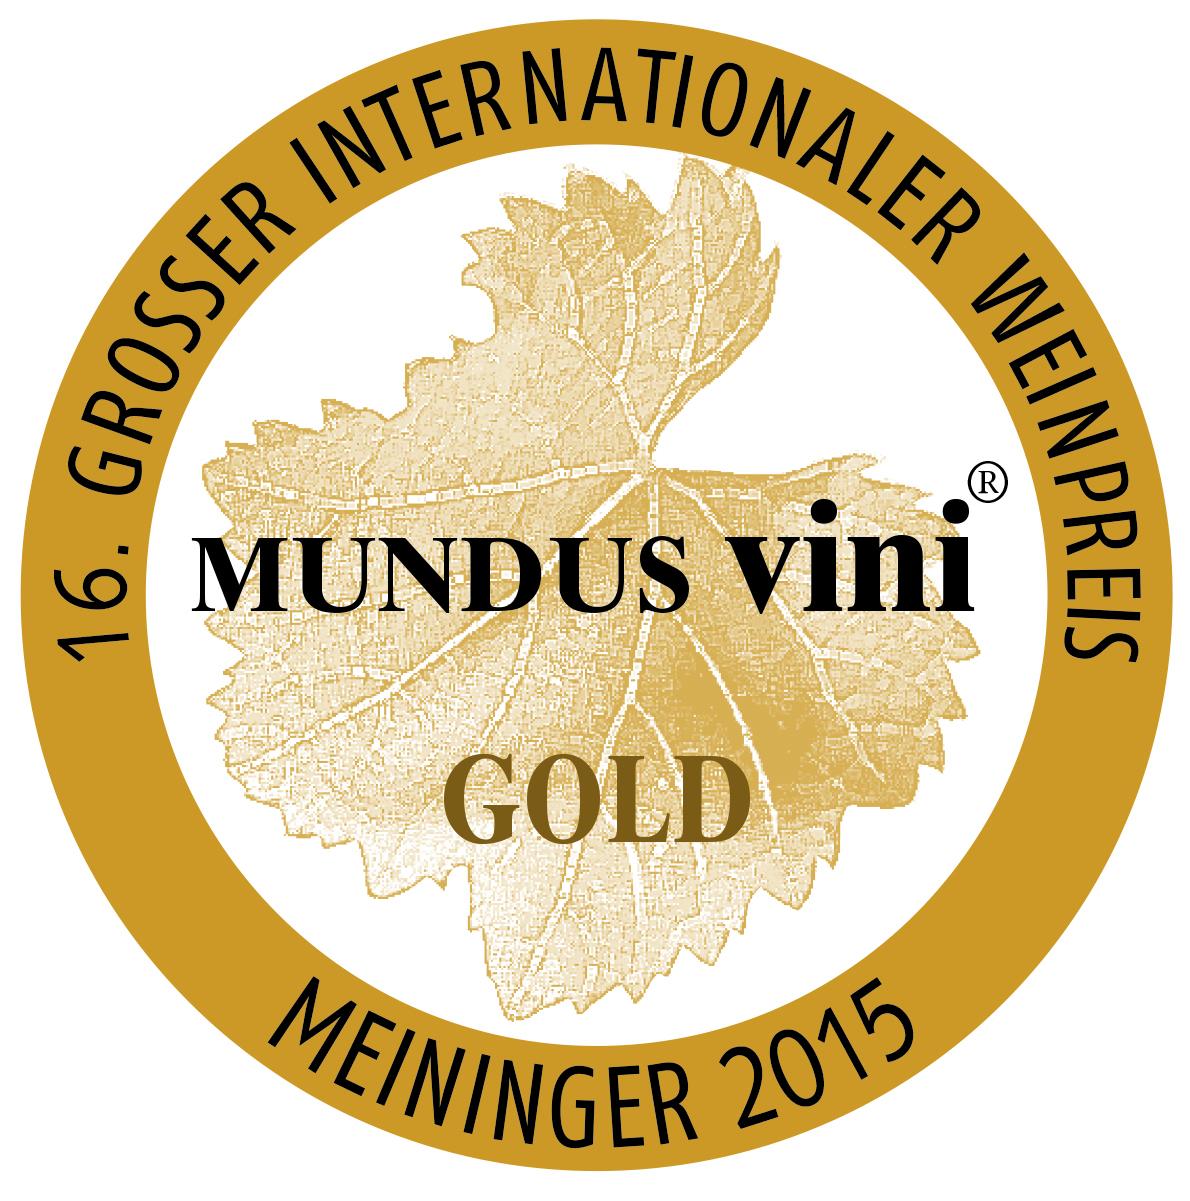 """March 2015: gold medal at the MUNDUS vini """"spring tasting"""" for vintage 2013"""